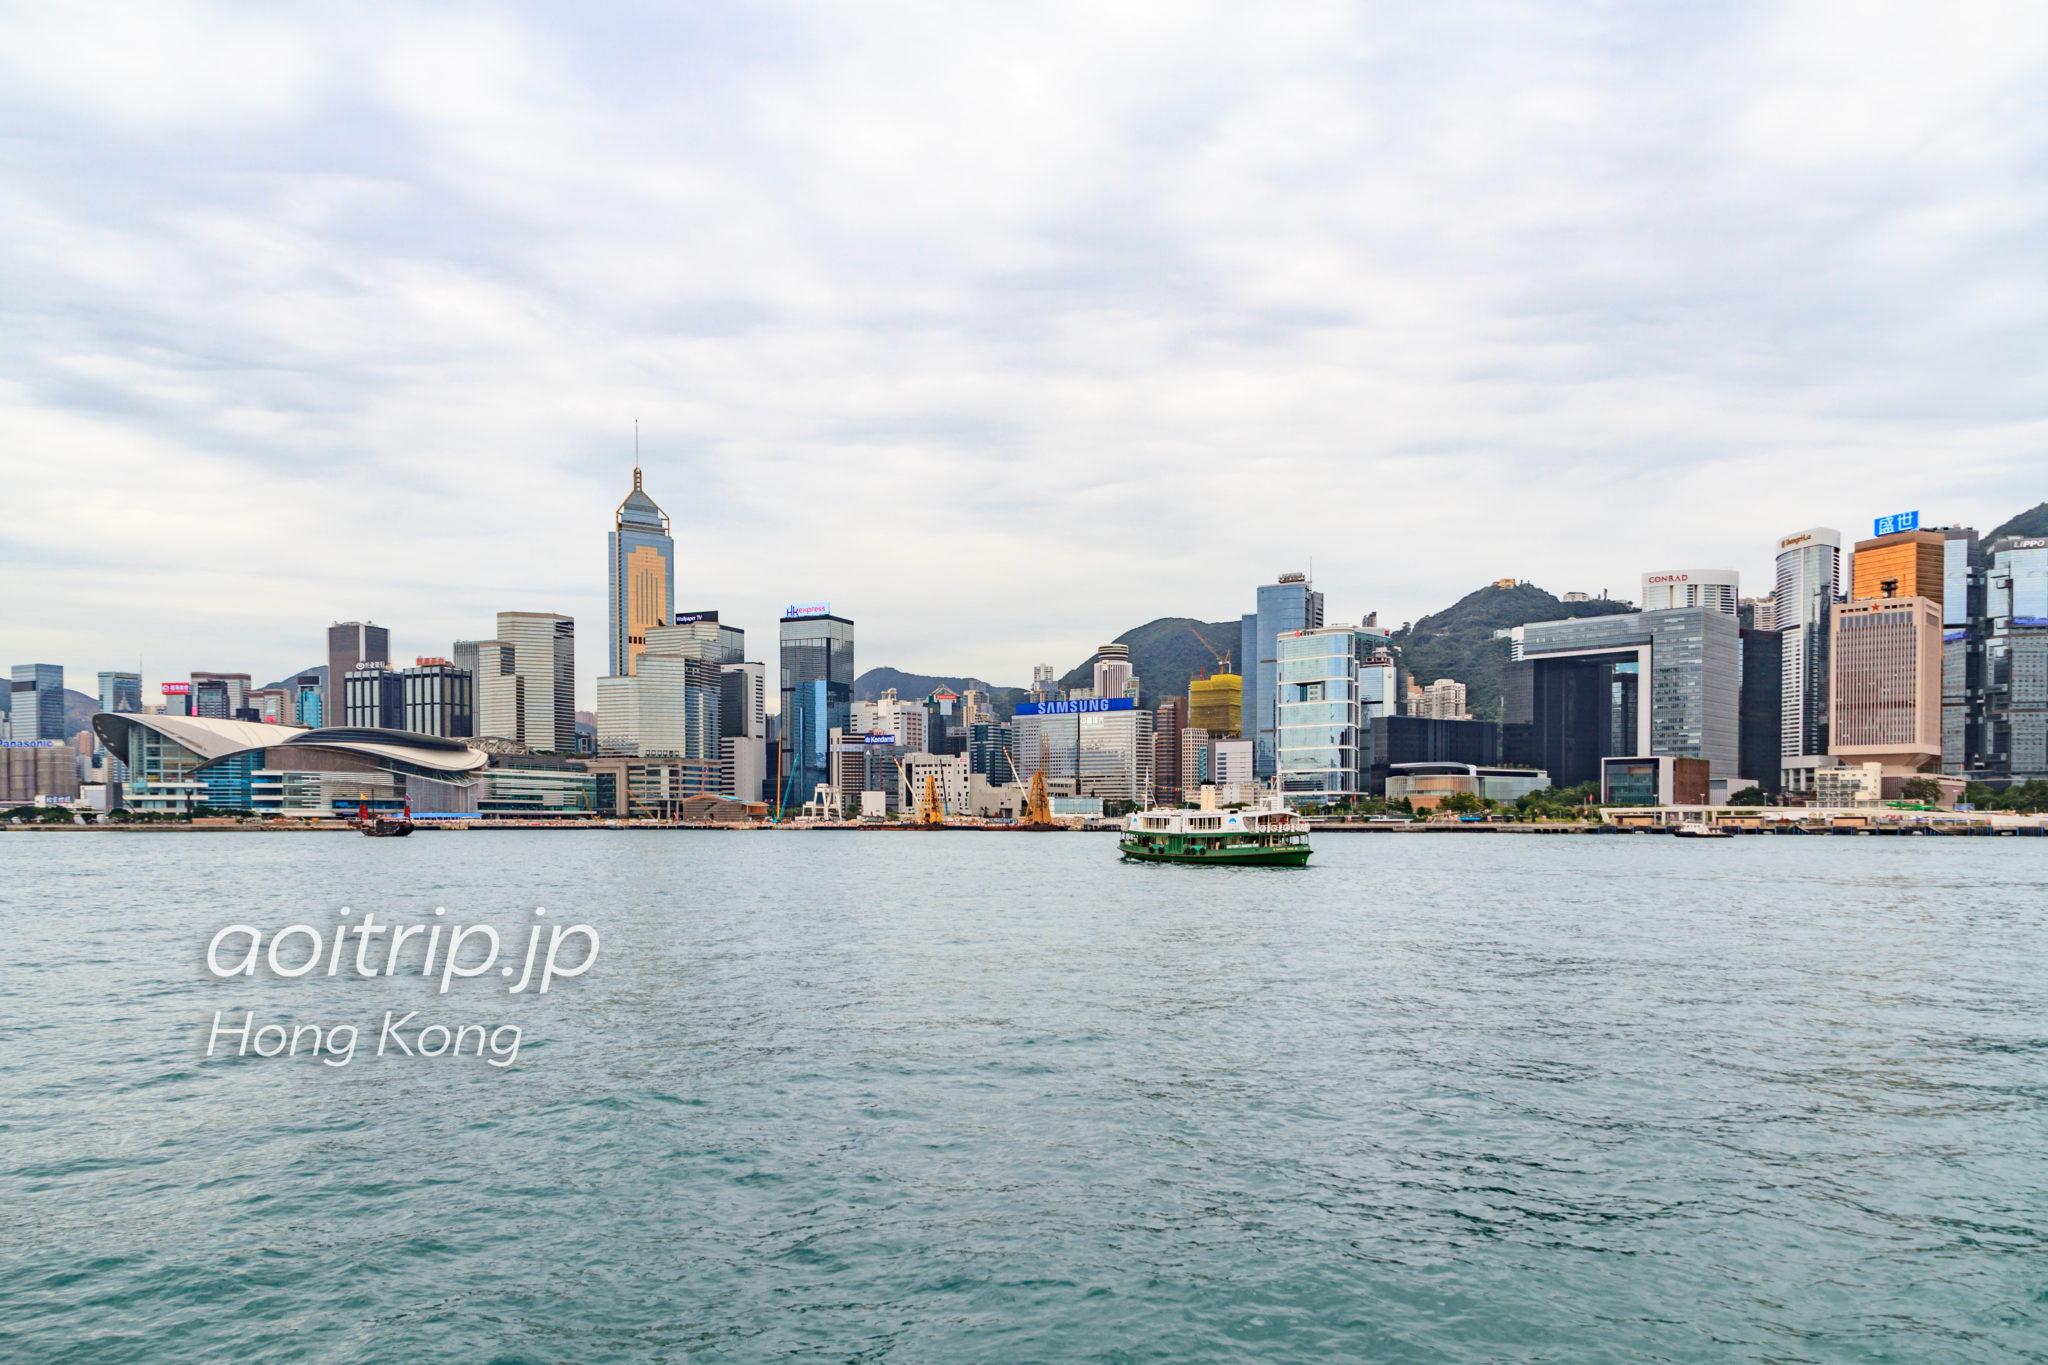 香港のスターフェリー 尖沙咀の乗り場